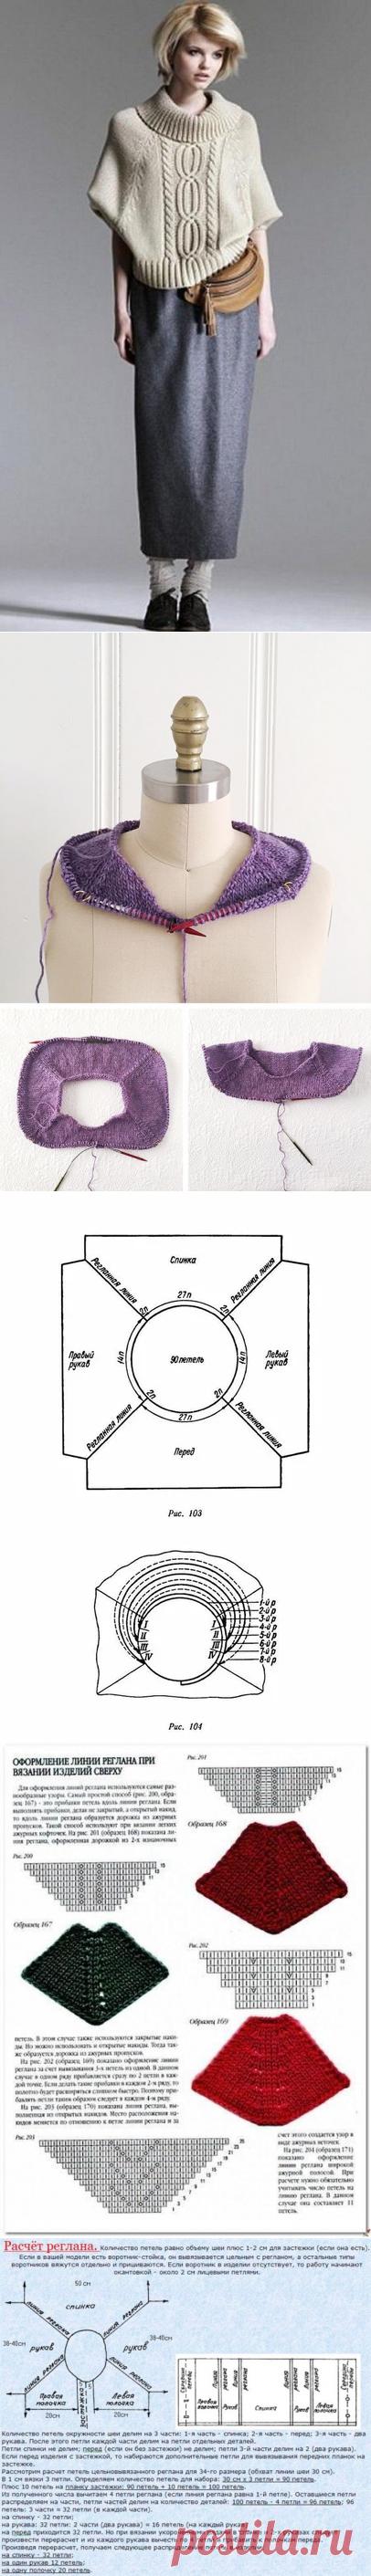 Реглан в вязаных изделиях - как правильно рассчитать петли. Описание вязаных пуловеров с регланом. | Юлия Жданова | Яндекс Дзен